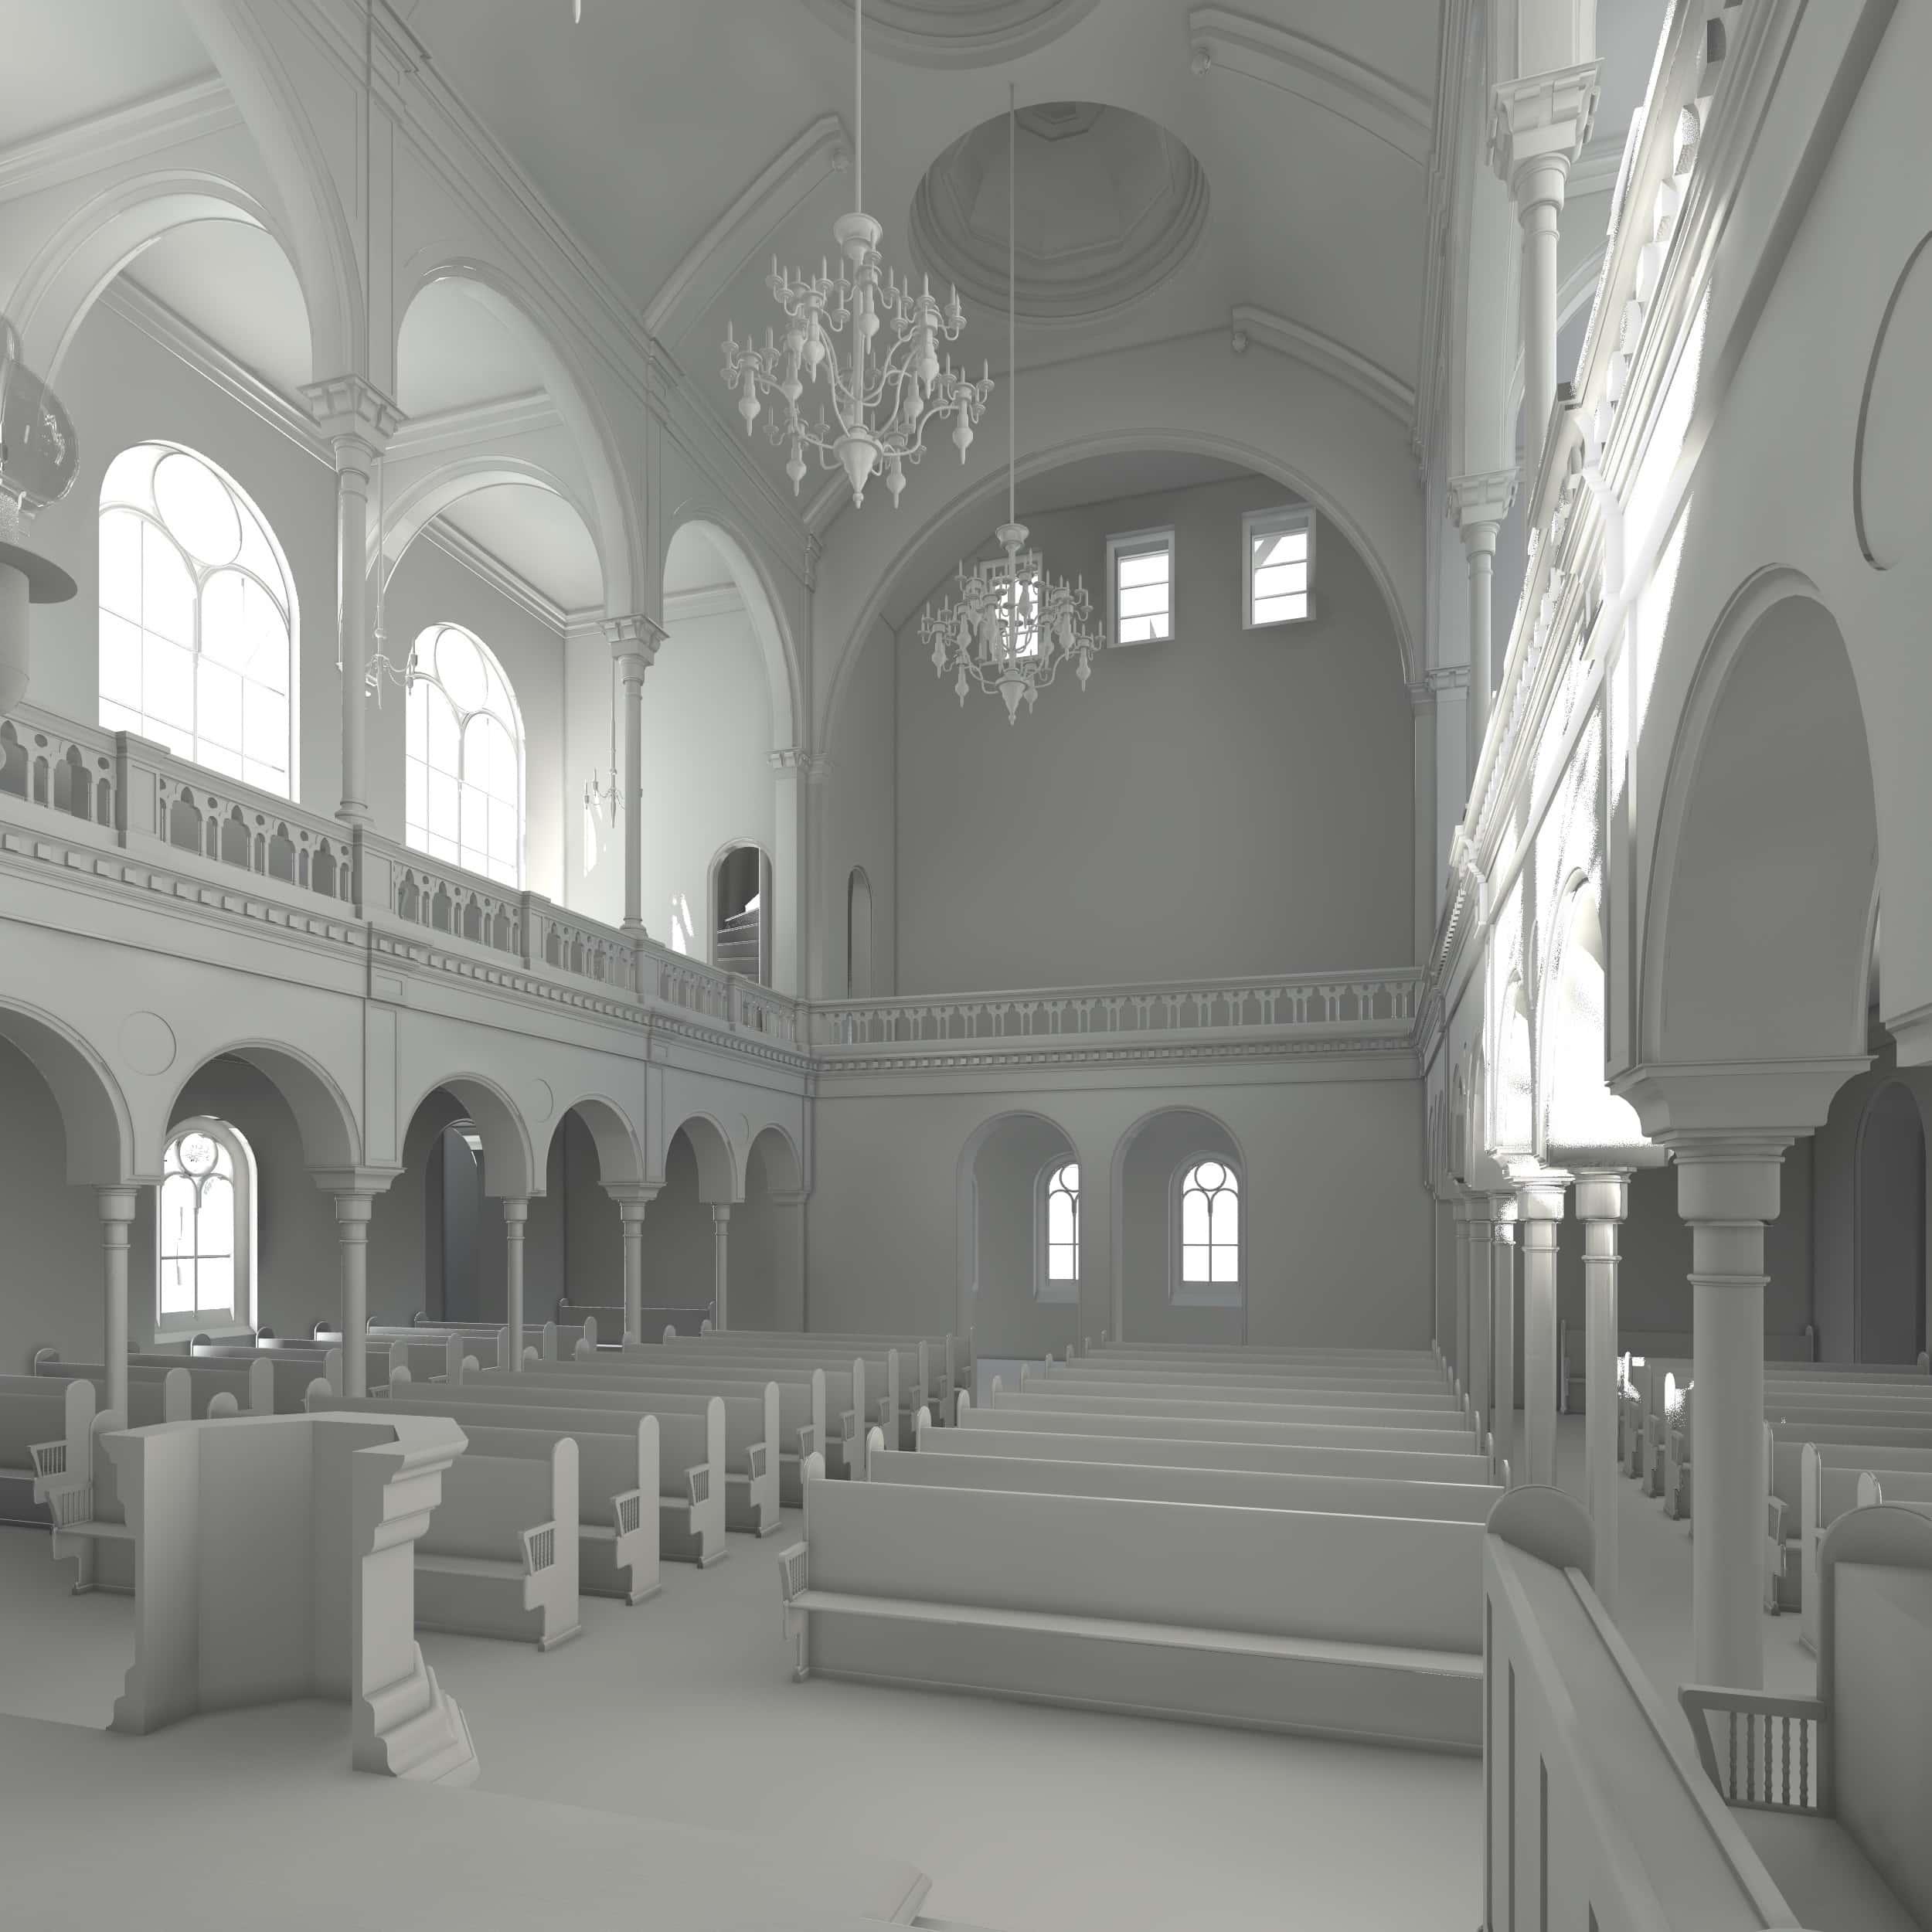 Visualisierung der Synagoge Marienbad, Innenansicht, Richtung Westen, Weißmodell